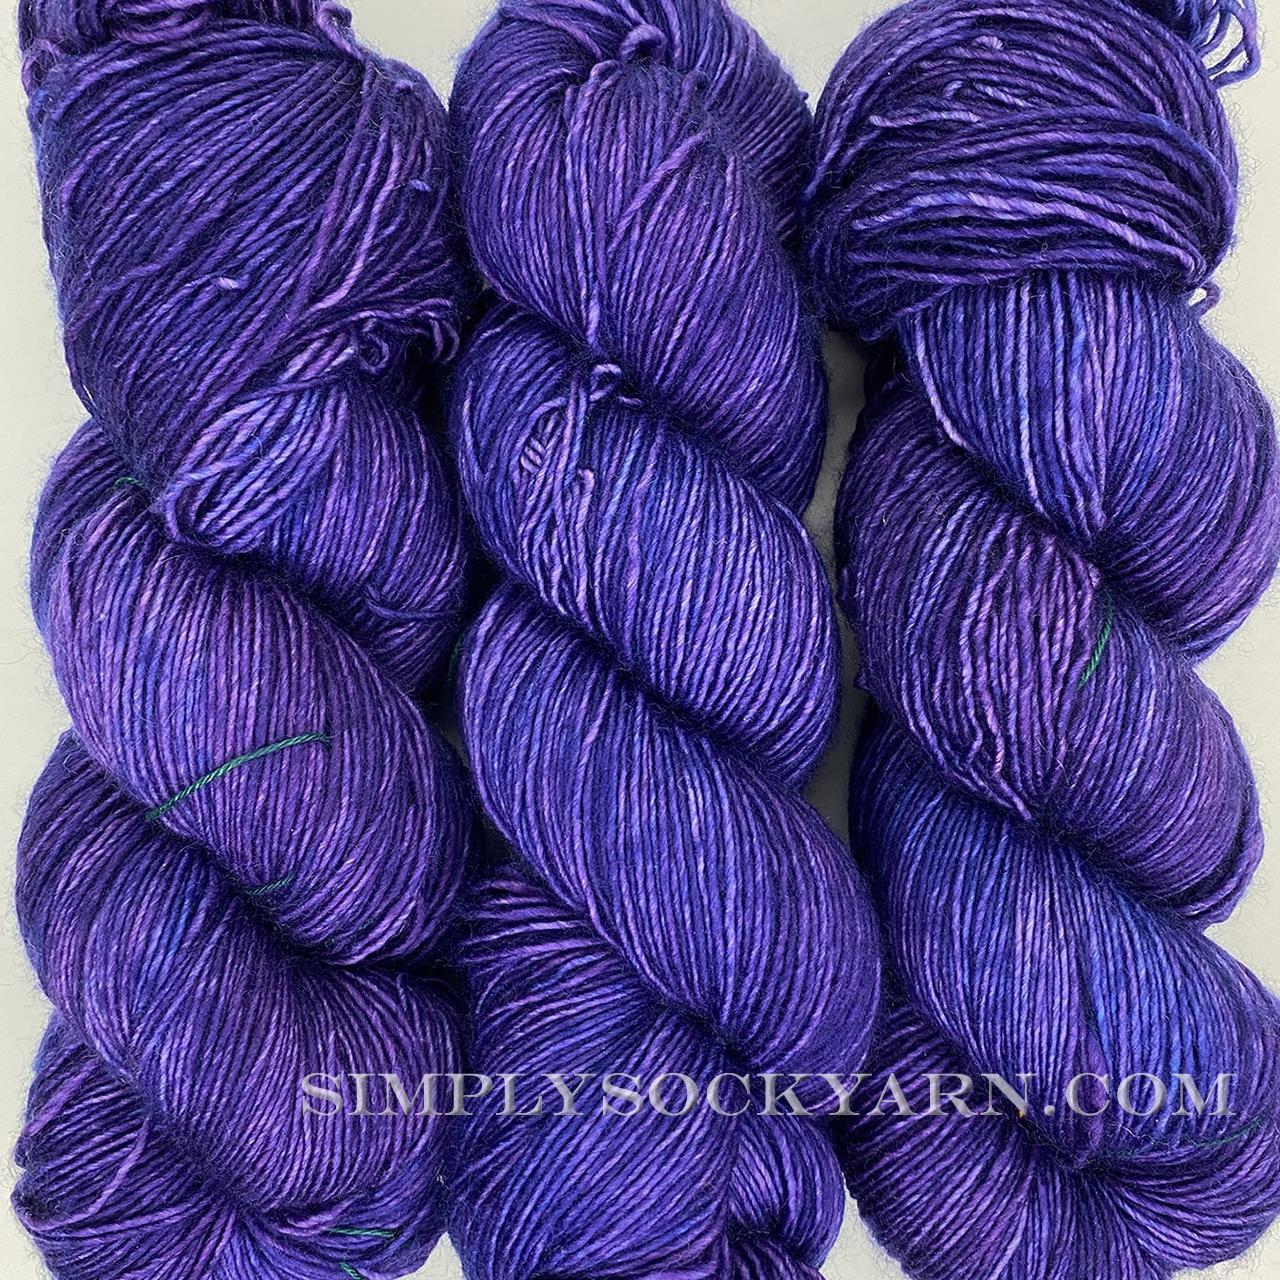 MT Merino Light Iris -